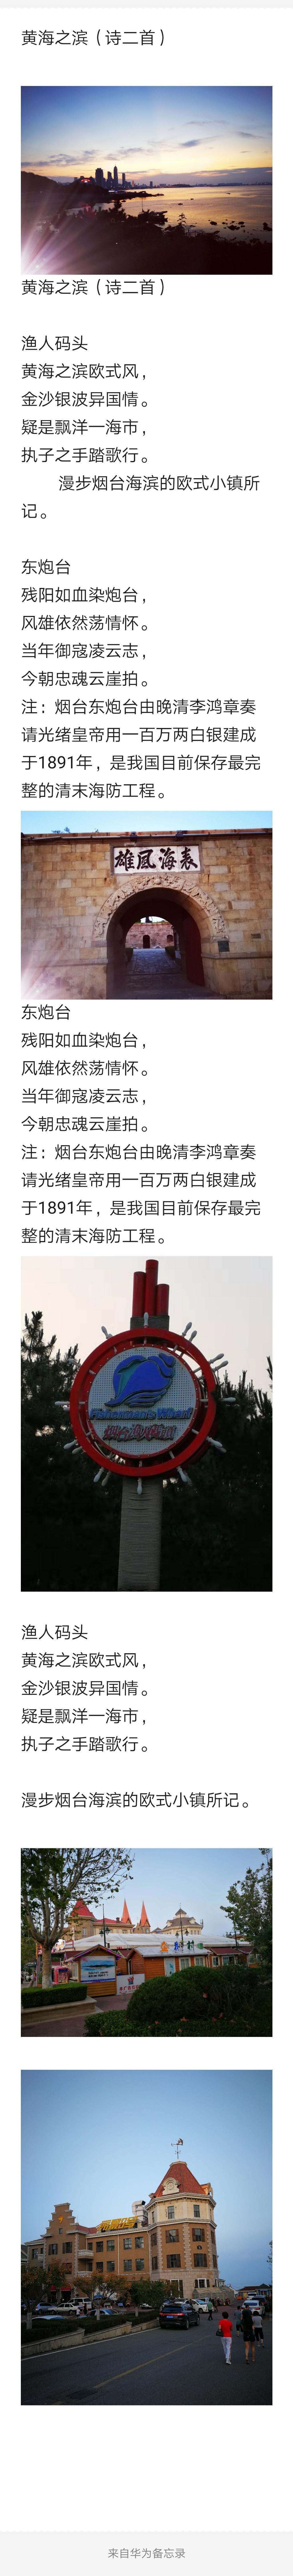 王济生诗歌两首:《黄海之滨》